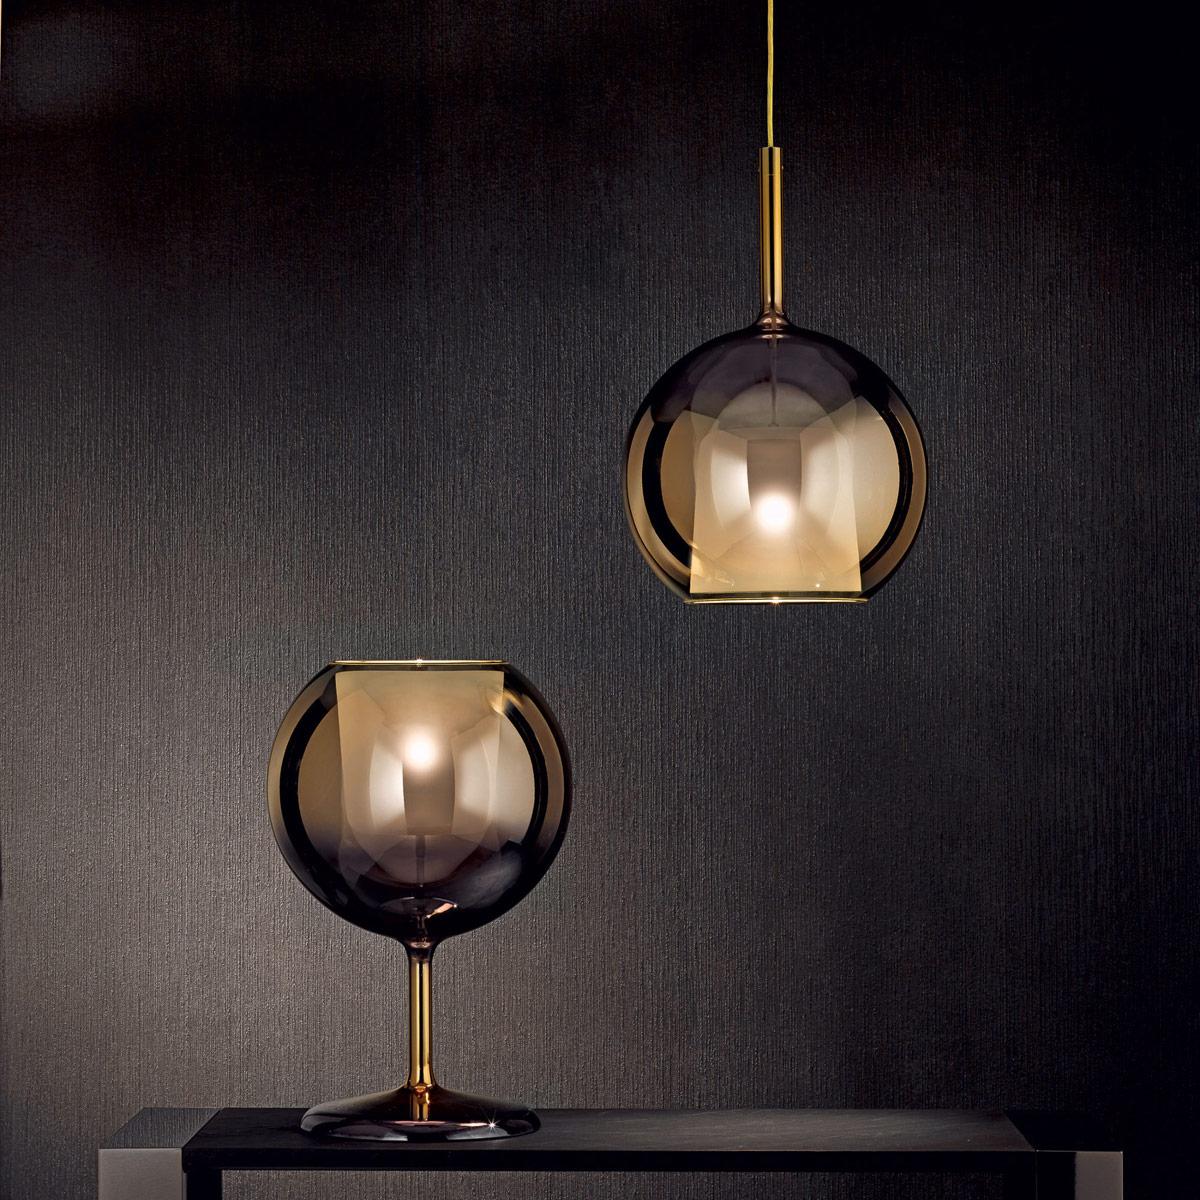 Hängeleuchte Penta Glas modern Eggers Einrichten Interior Design Muenchen